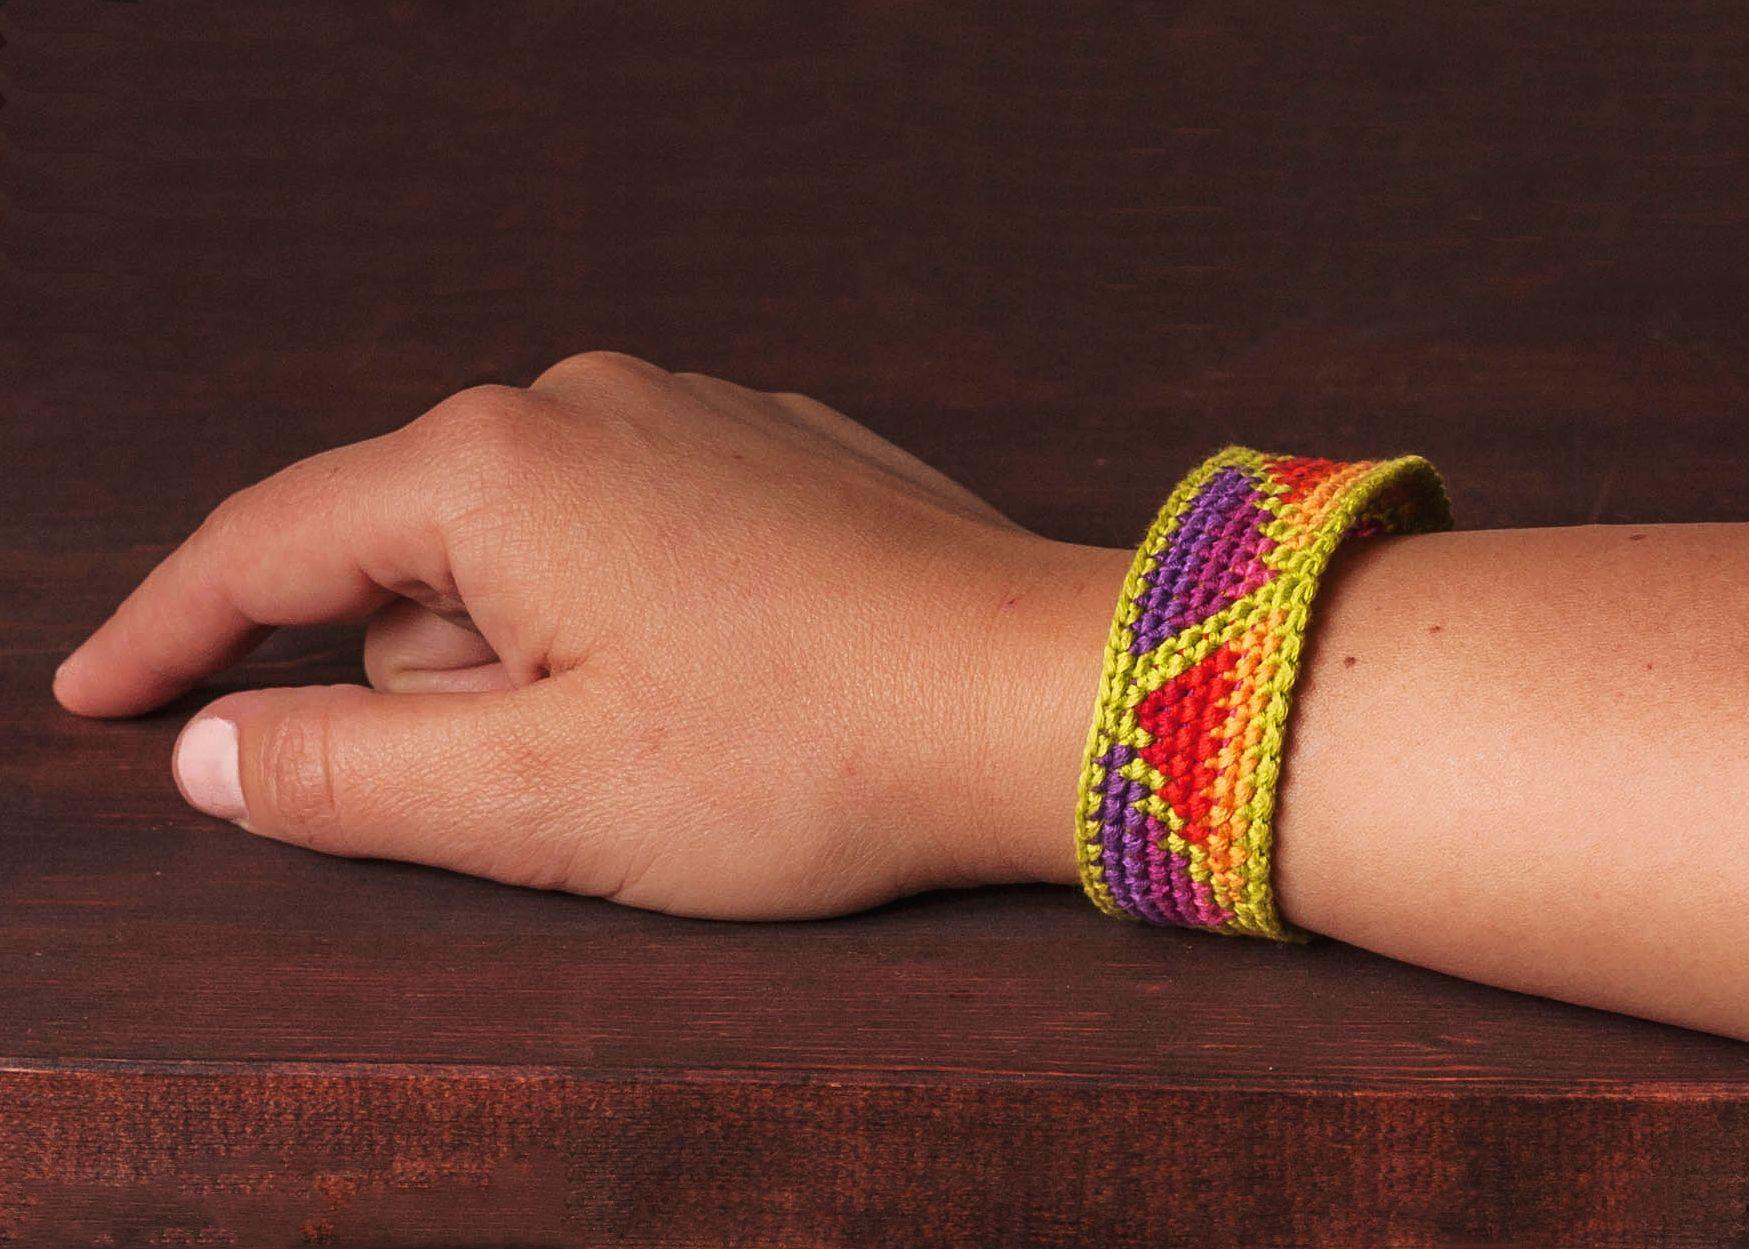 Tapestry crochet bracelets / Tapestry Häkeln! Auch für Armbänder ...